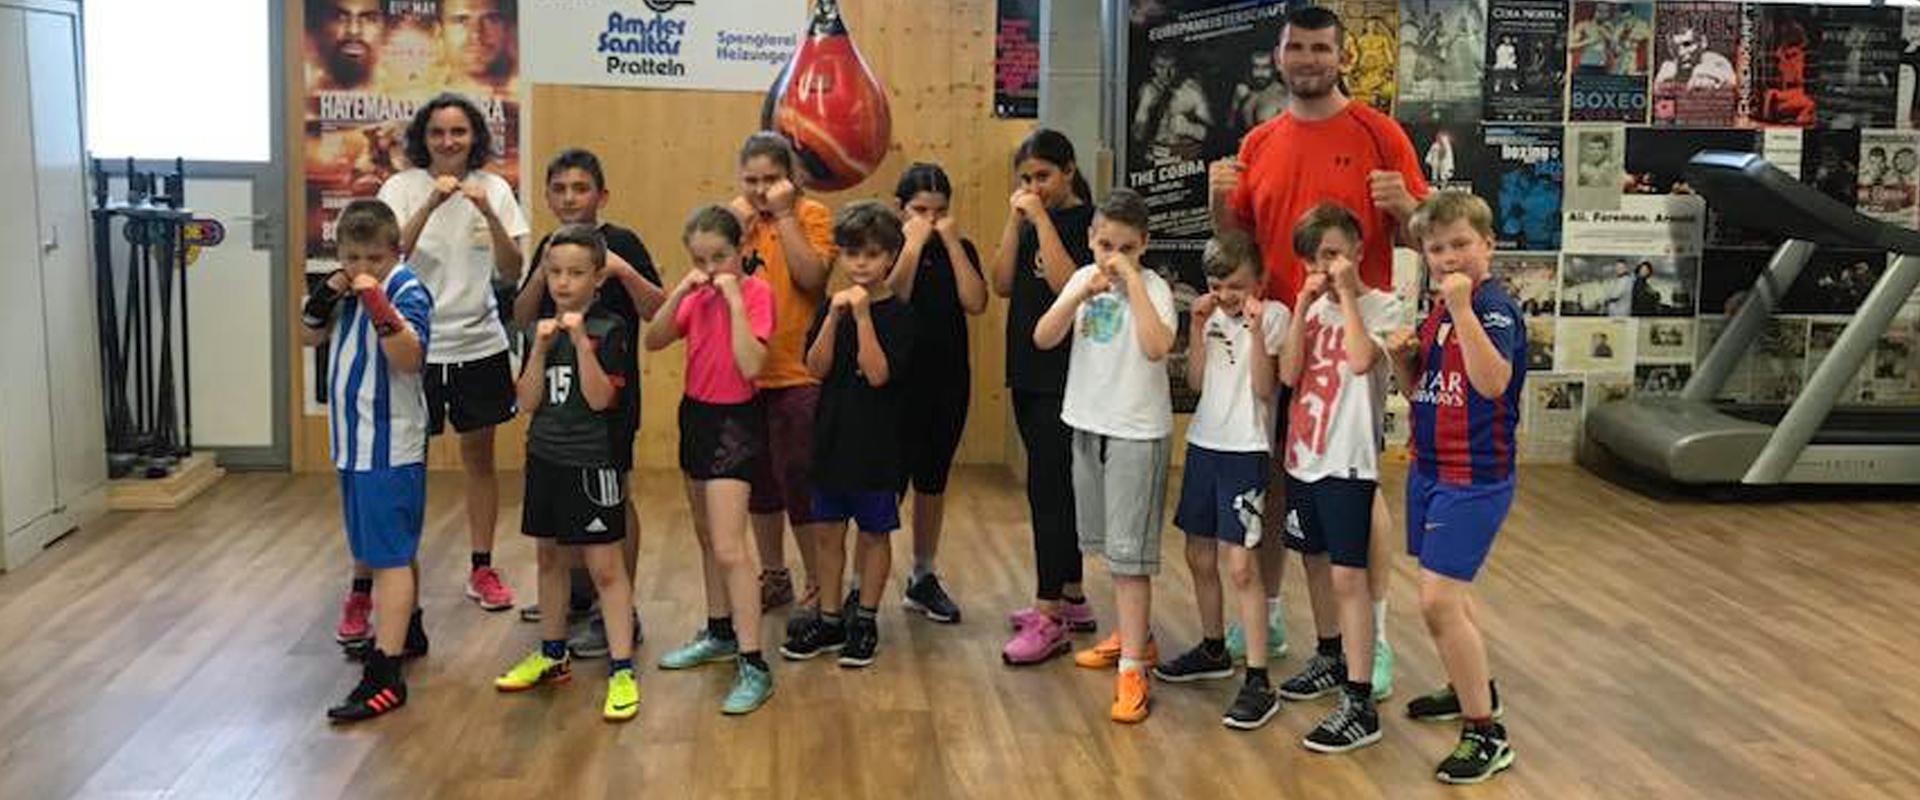 Permalink to: Fitnesstraining für Kinder (9-12 Jahre)